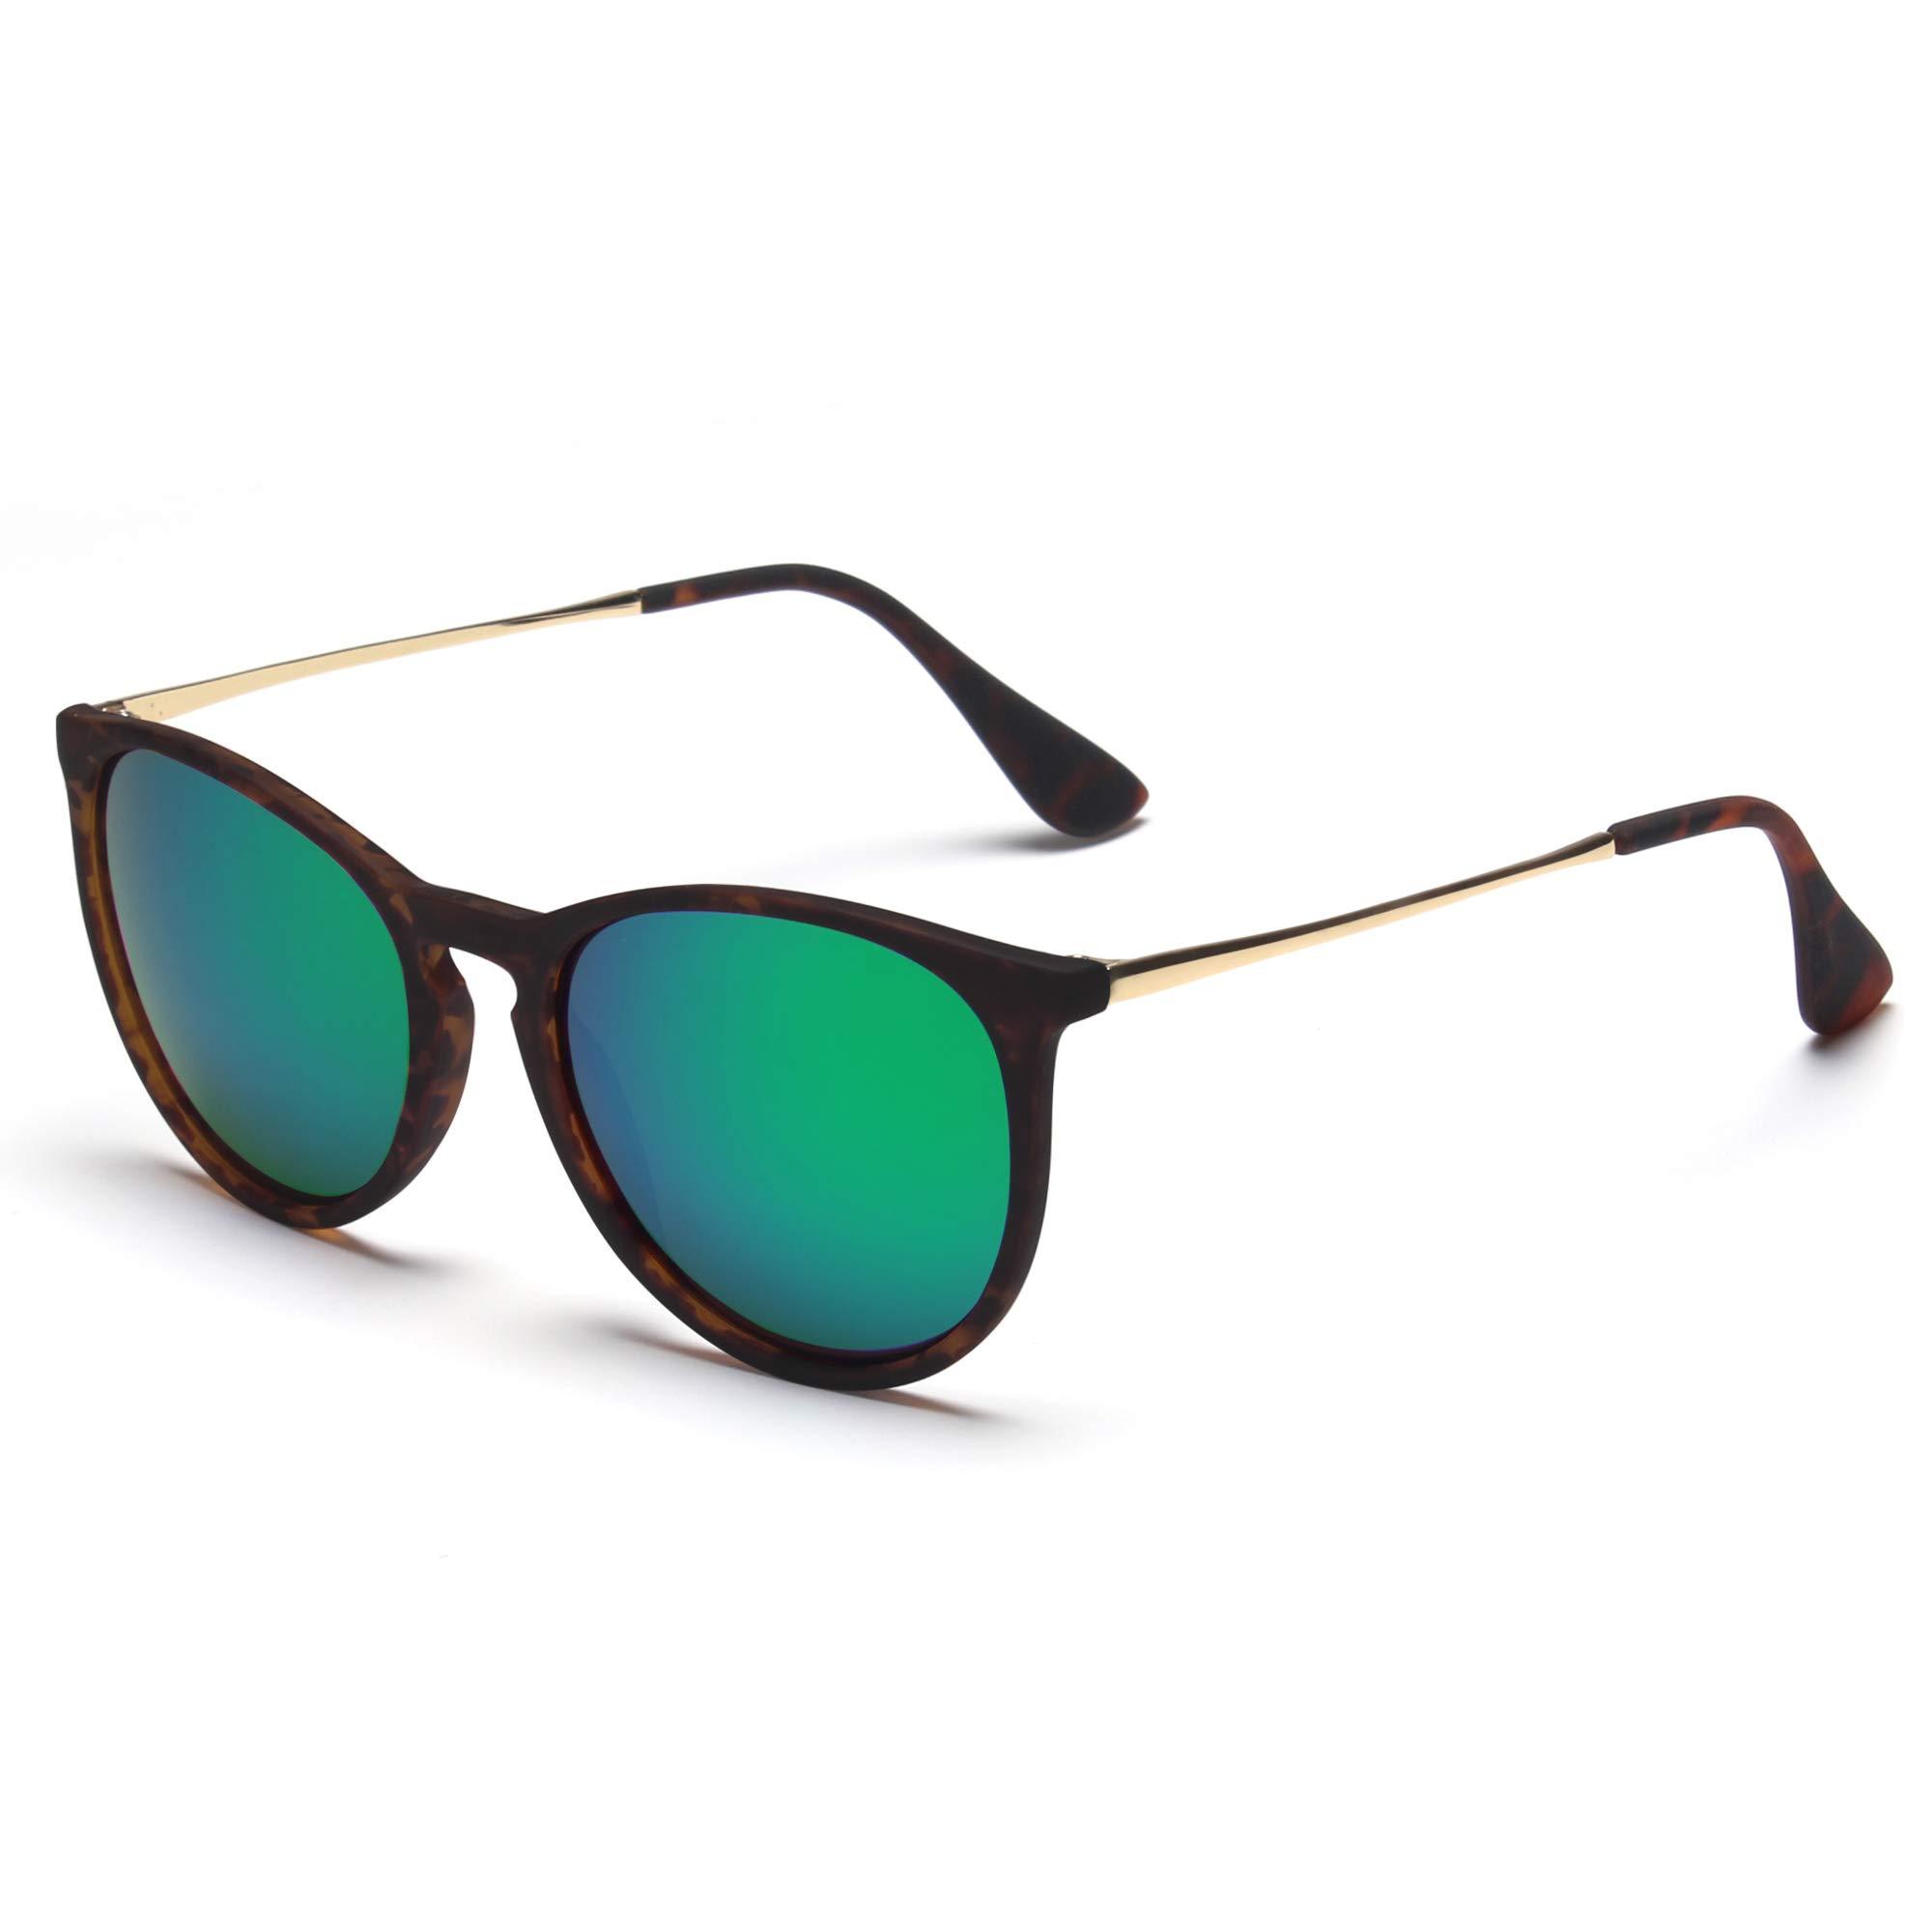 SUNGAIT Vintage Round Sunglasses for Women Girl Classic Retro Designer Style (Polarized Green Mirror Lens/Dark Amber Frame) 1567 PGHPKLV